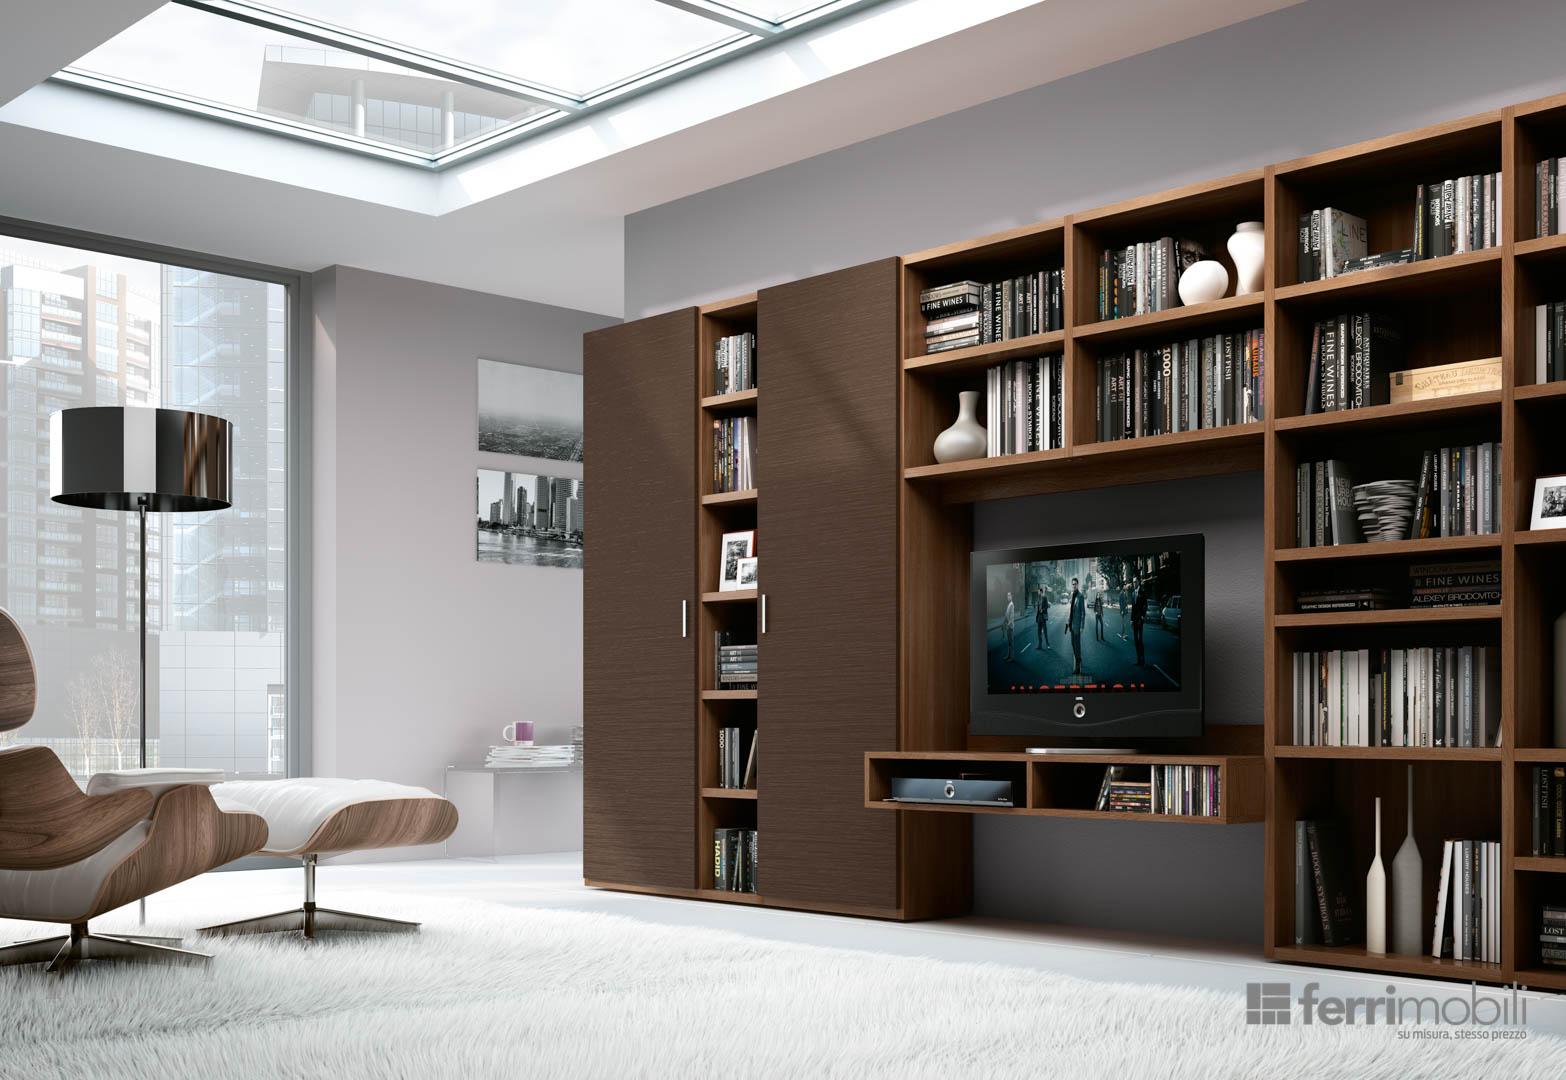 Librerie living 79 libreria ferrimobili for Libreria casa